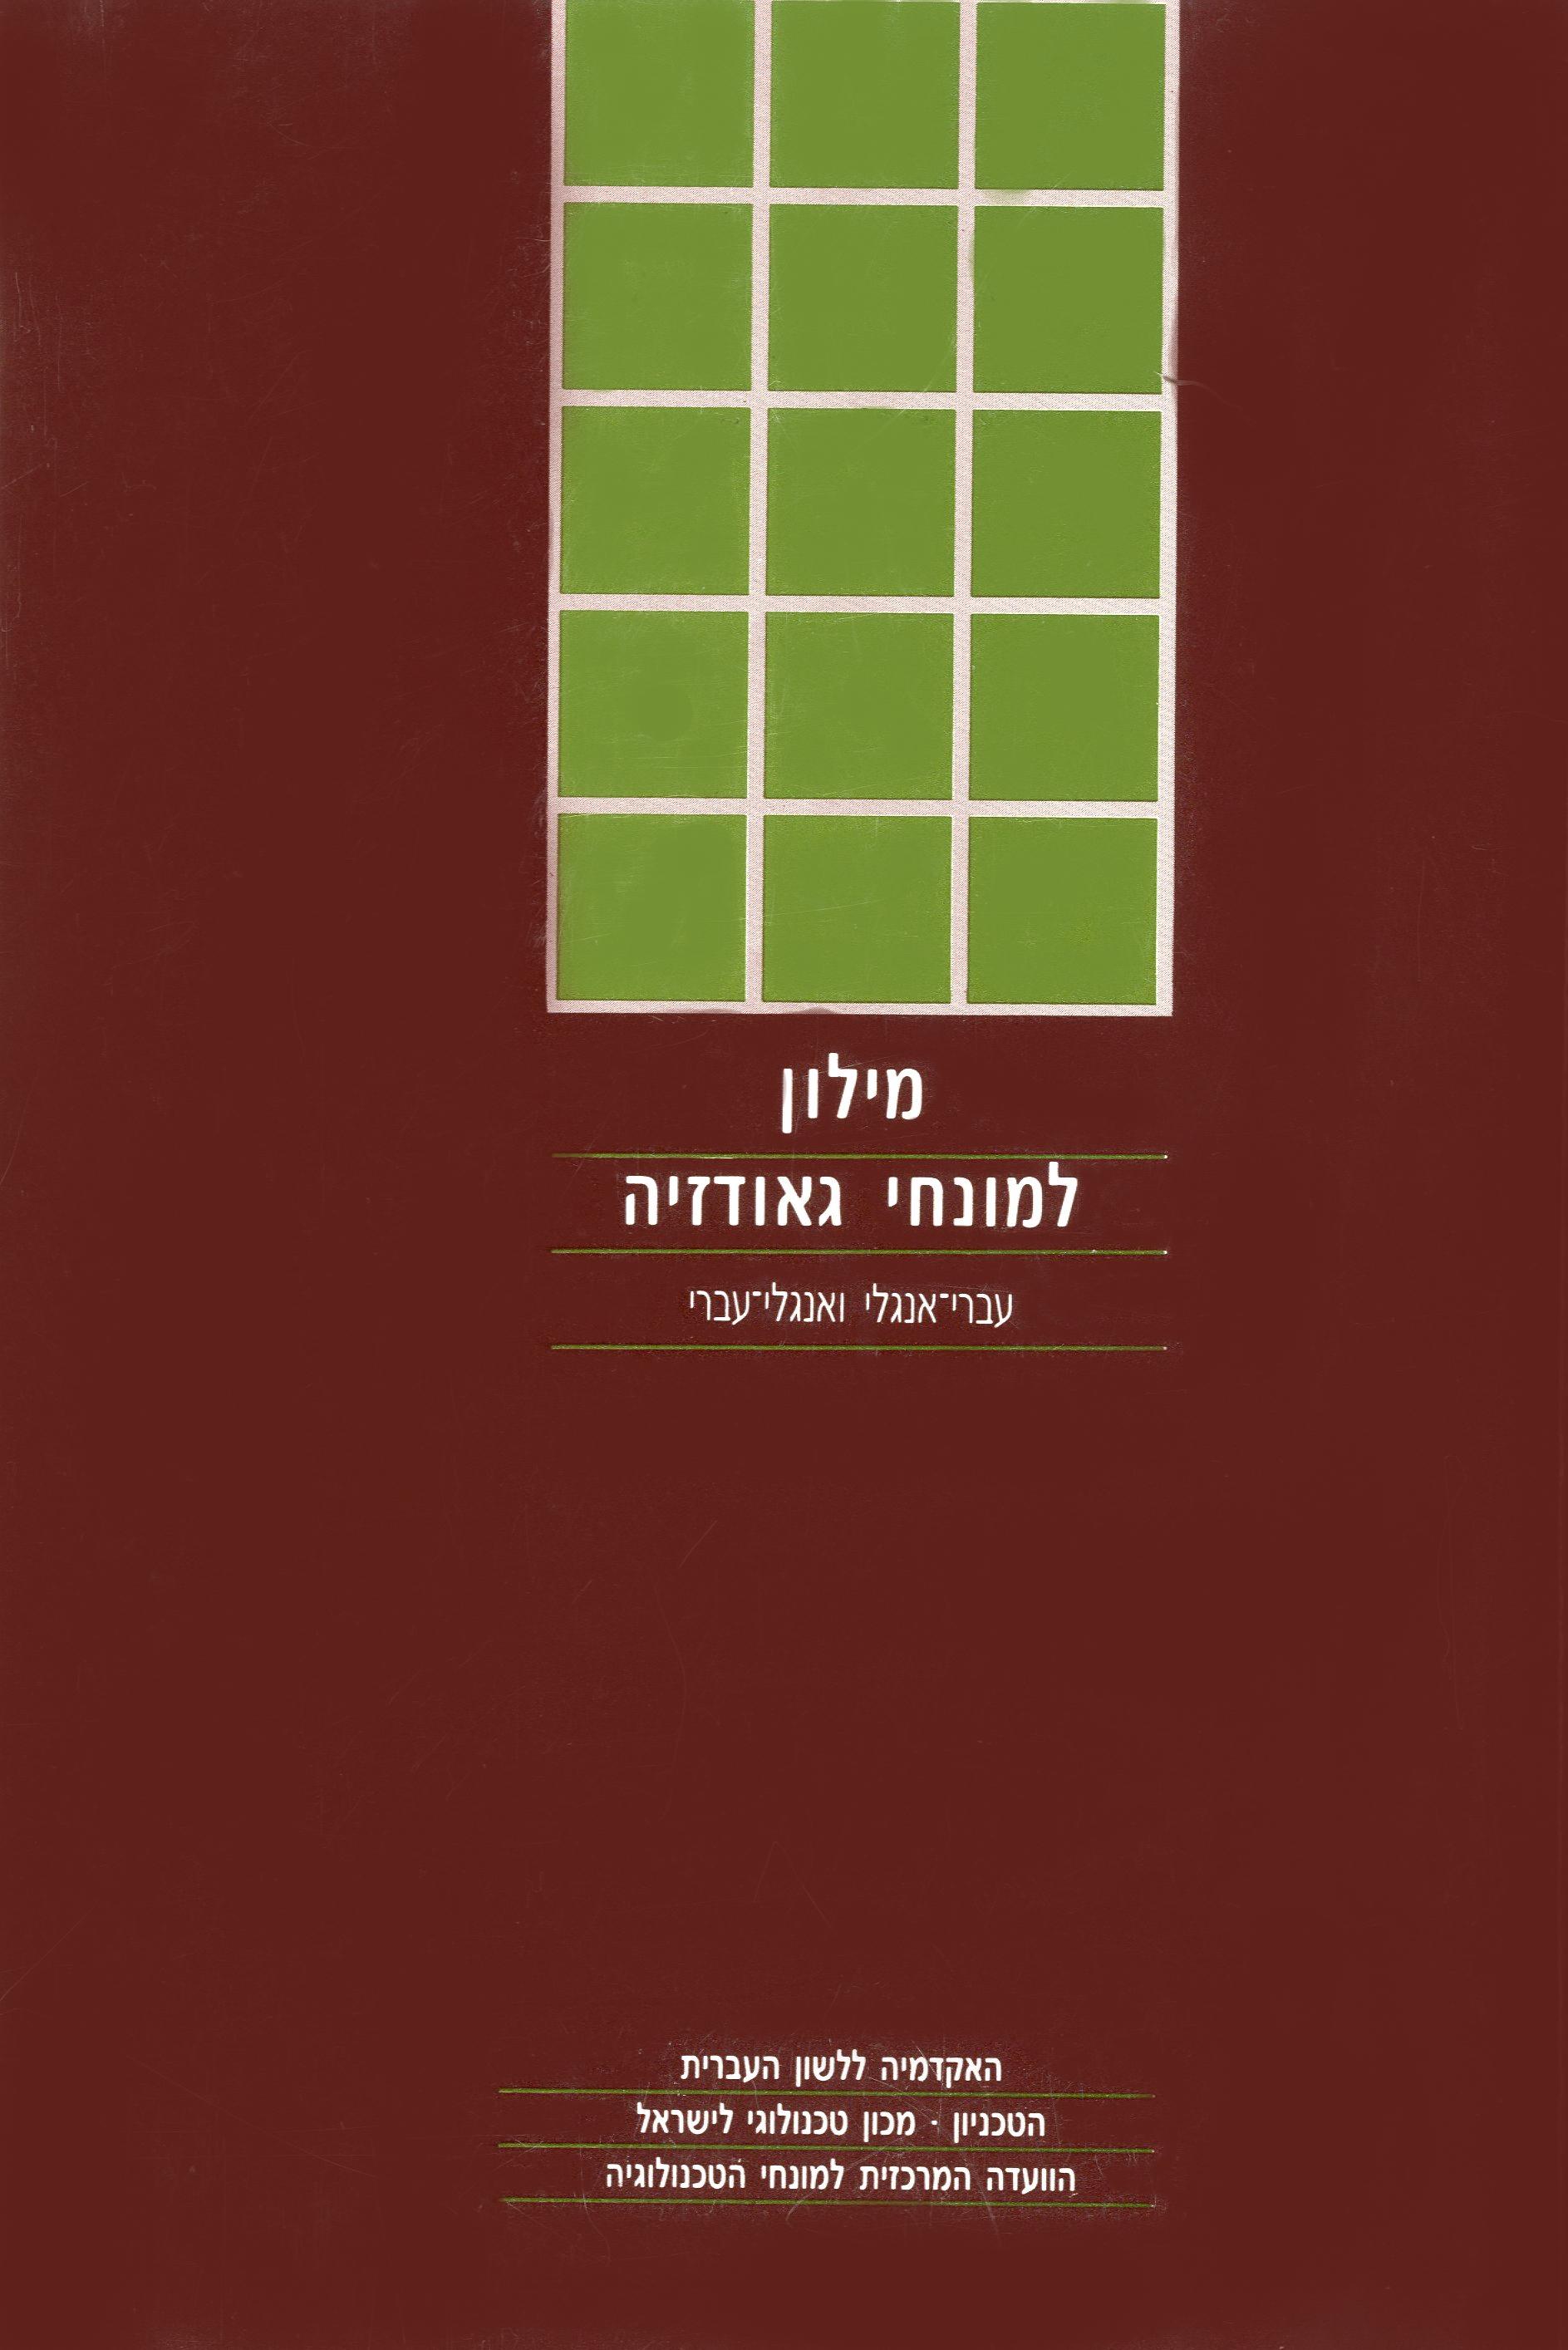 כירכת מילון למונחי גאודזיה עם רקע חום וריבועים ירוקים